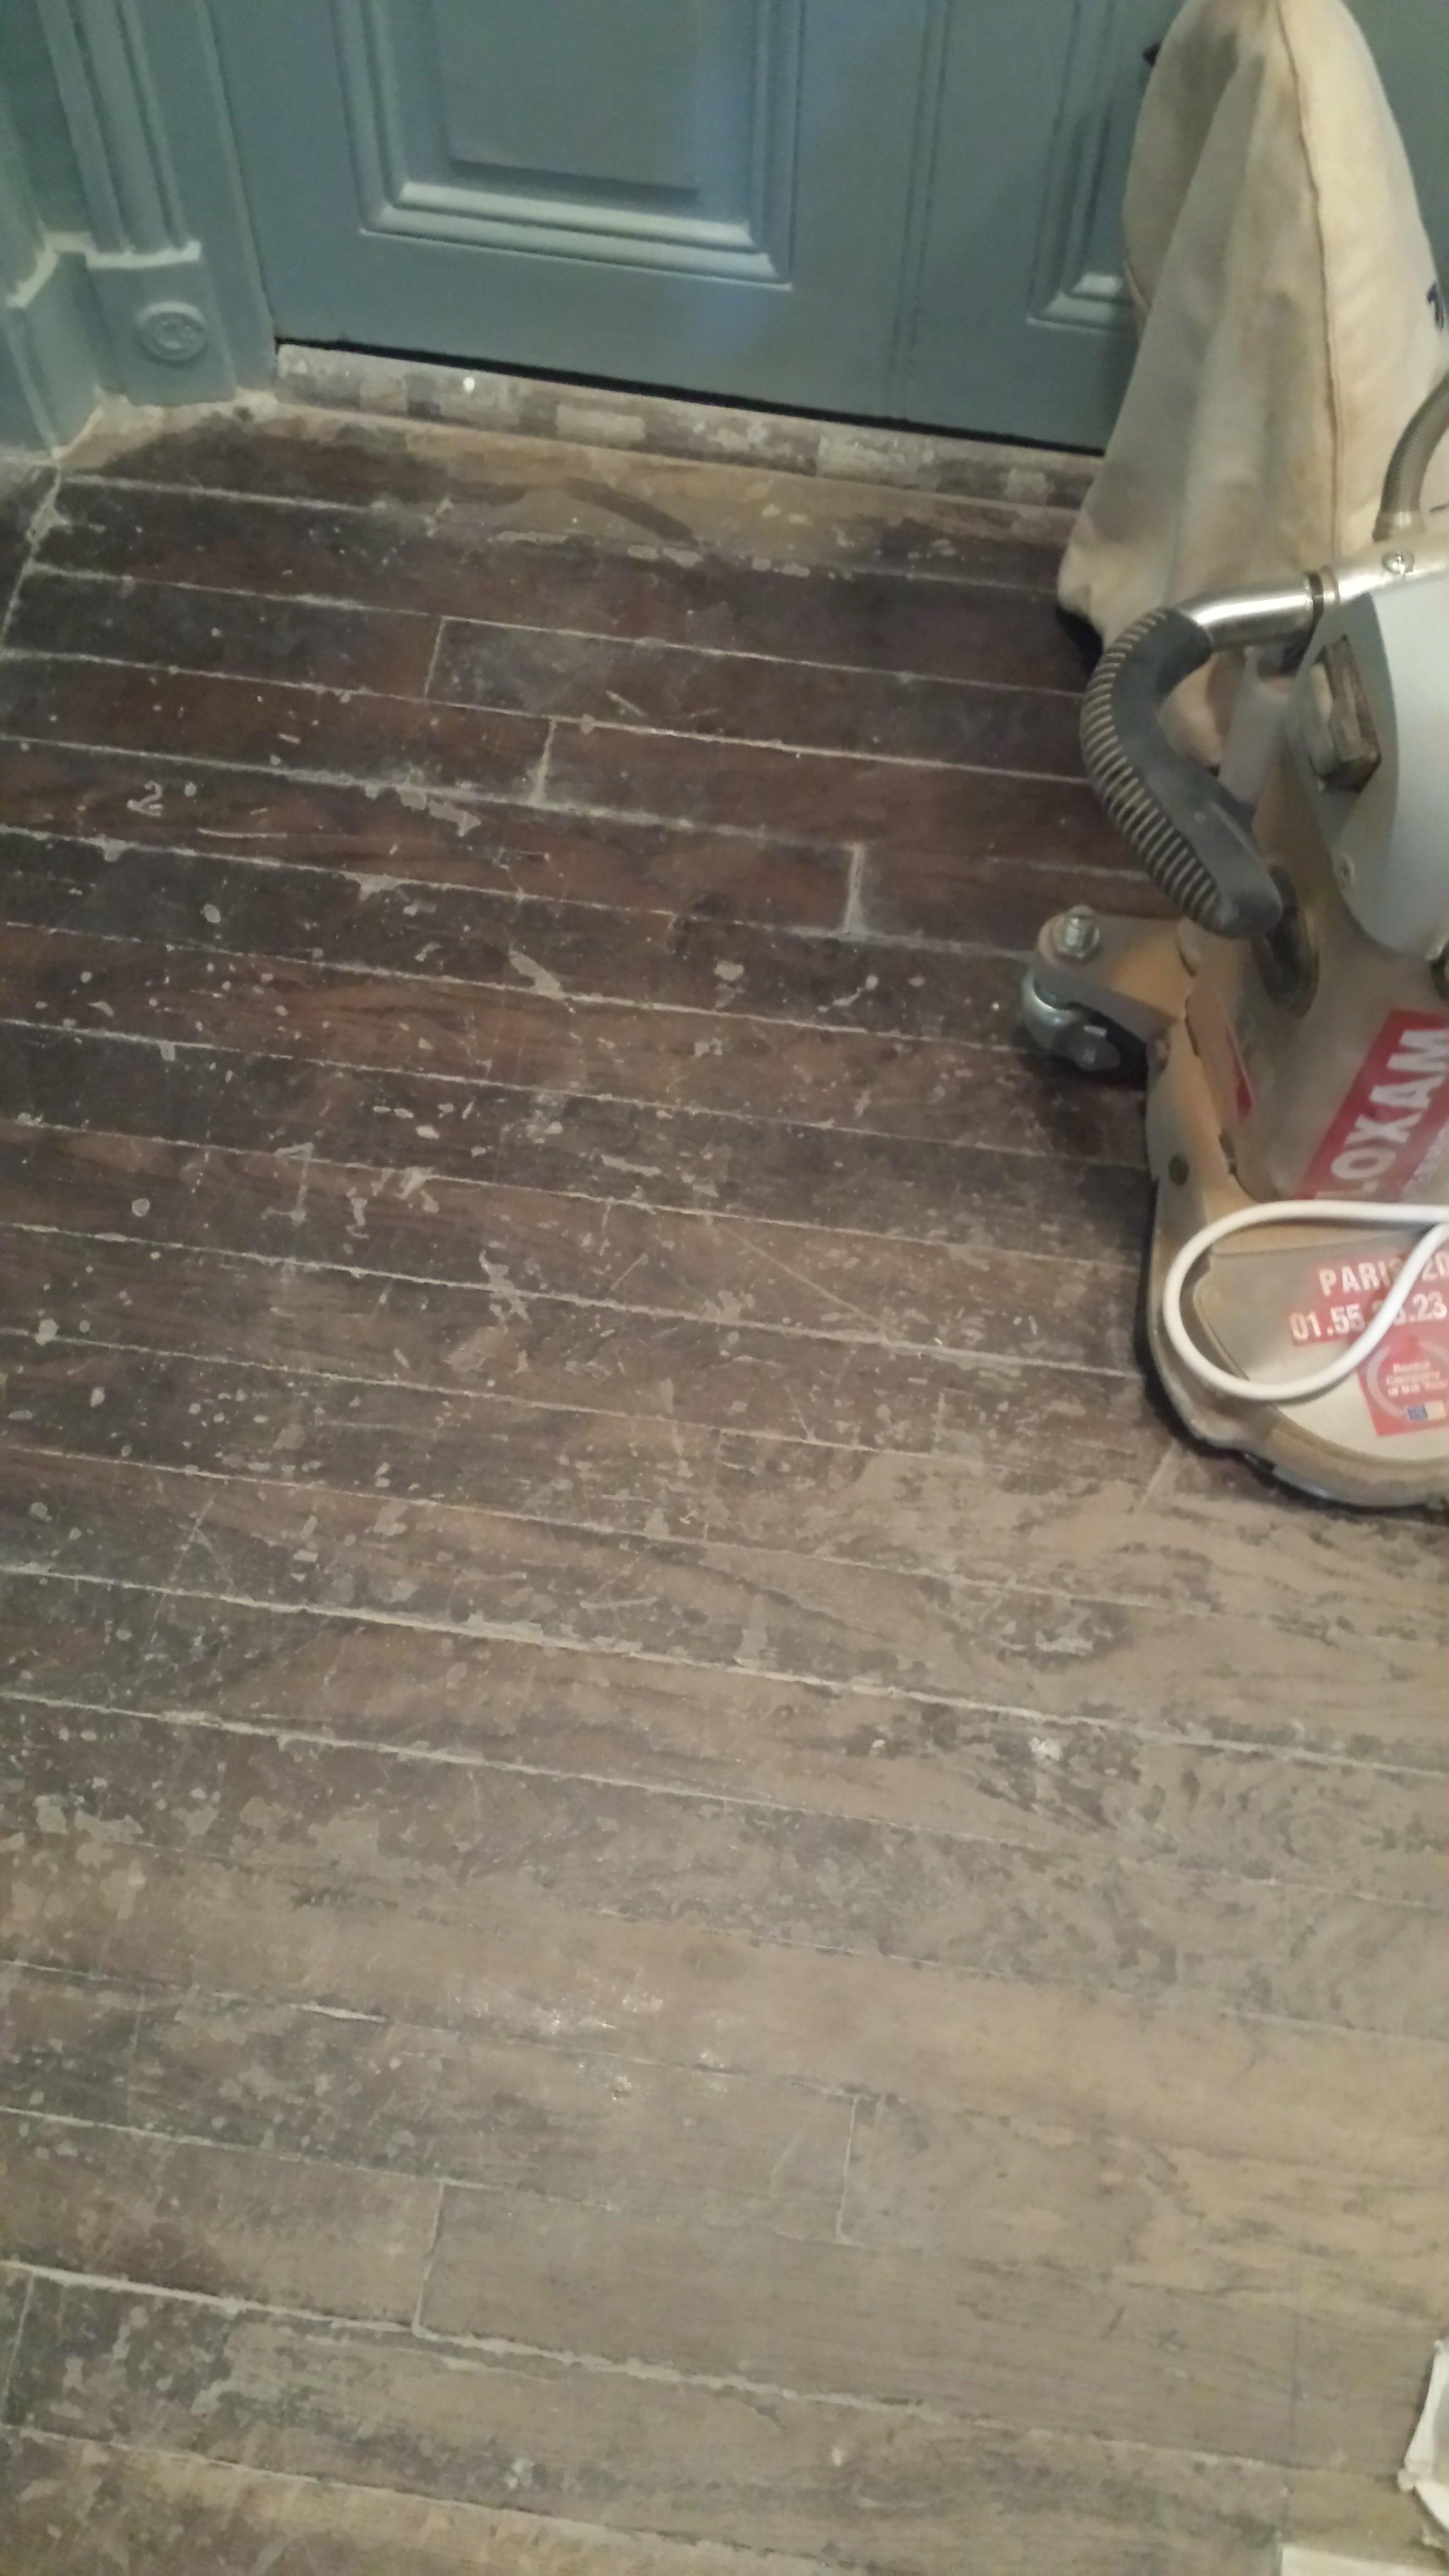 travaux-renovation-escalier-poncage-verni-immeuble-de-paris-5-plancher-texas-batiment-rge-min